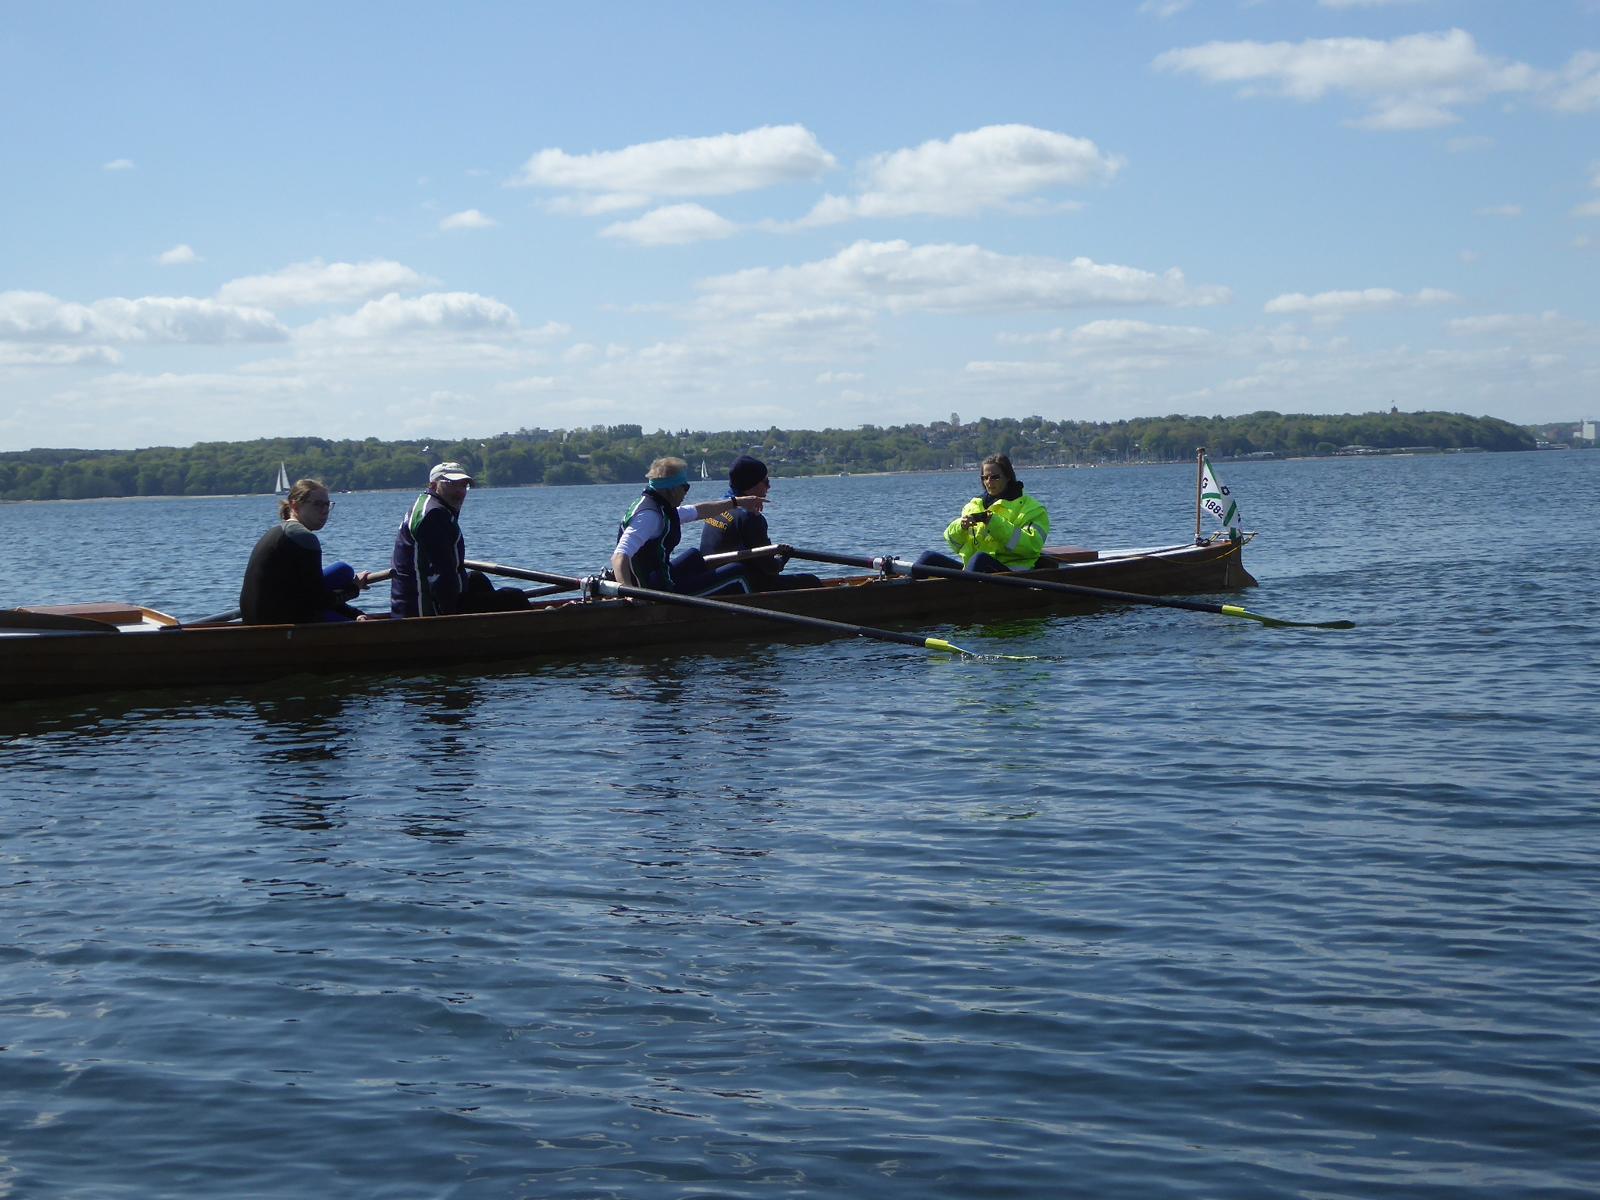 ein Ruderboot schwimmt auf dem Wasser mit fünf Personen darin, im Hintergrund eine Baumreihe am Ufer